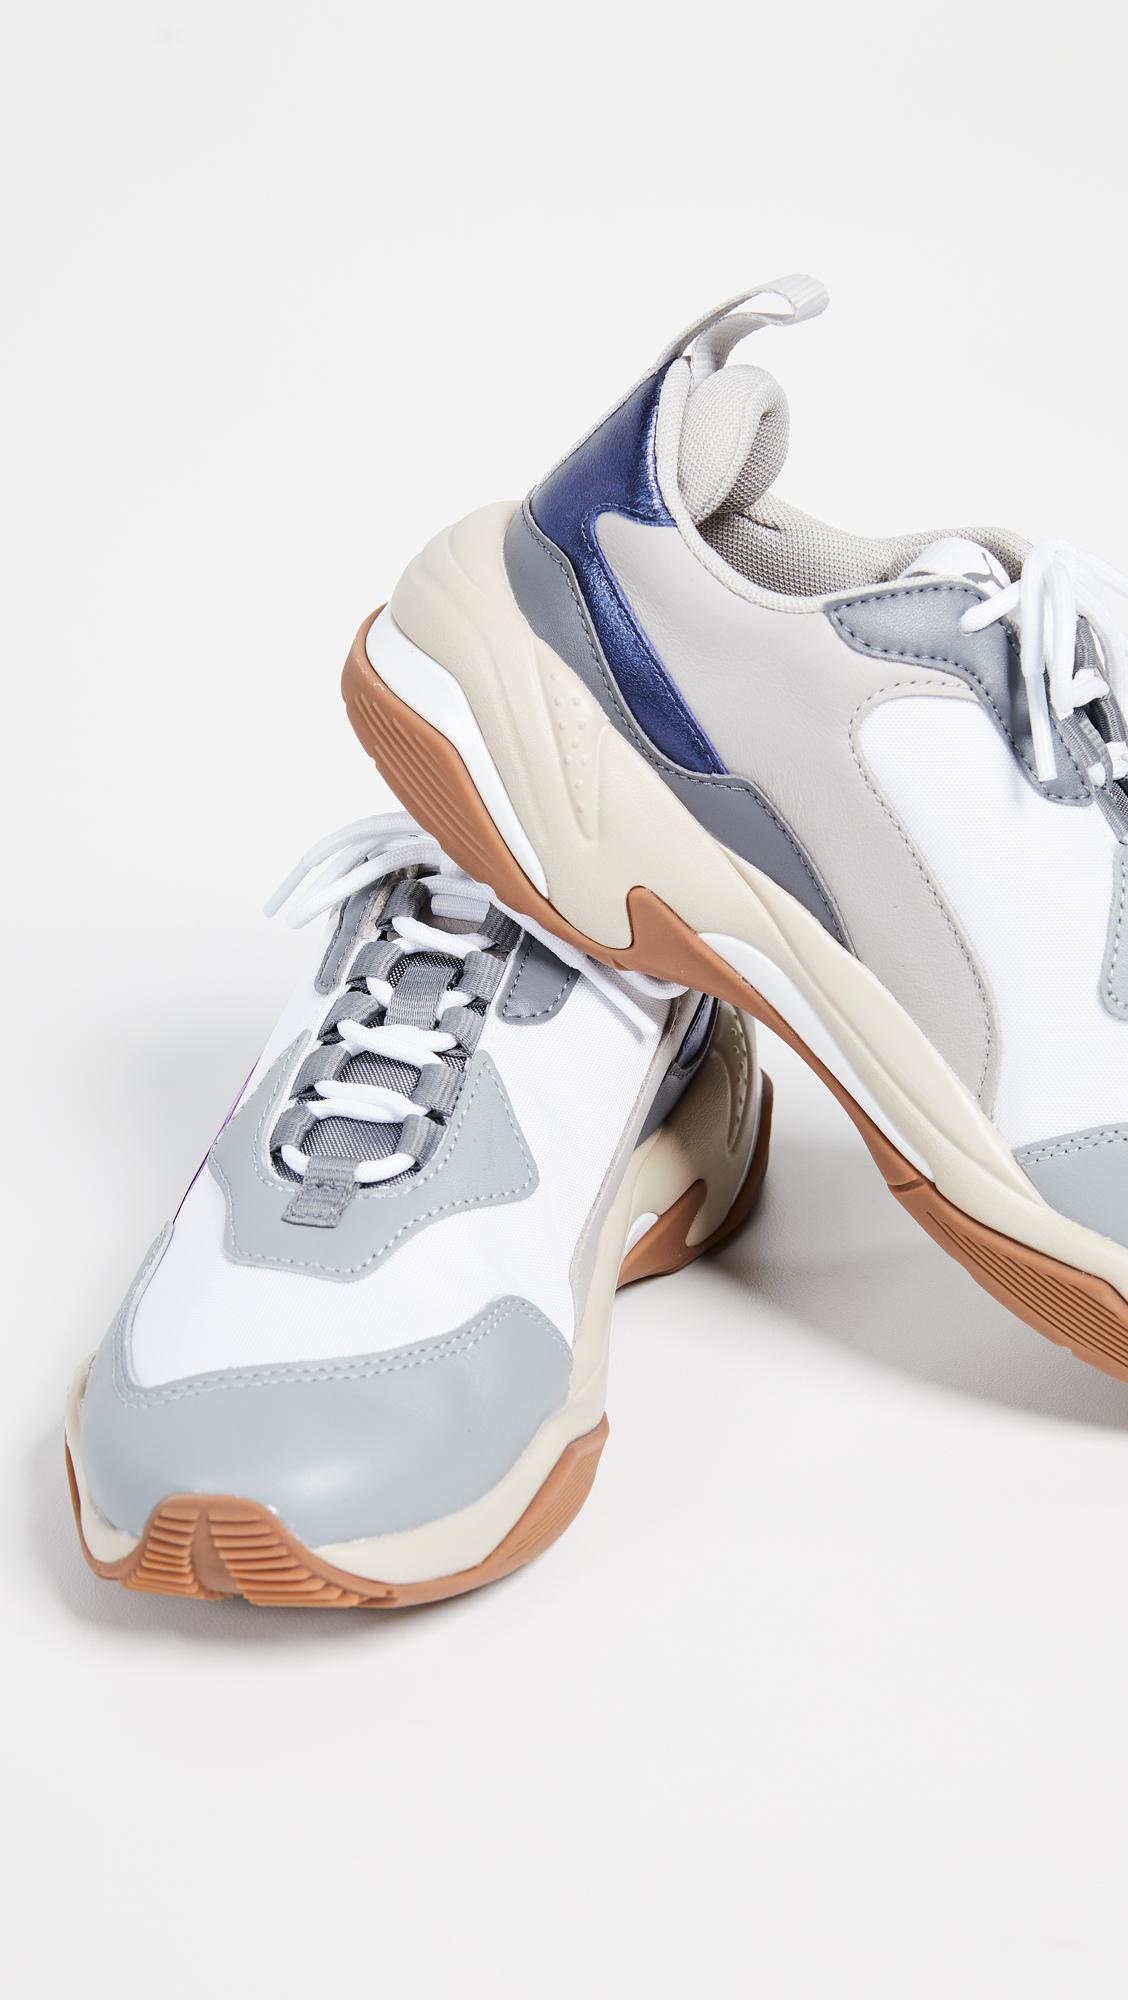 d5748dec6ff6 PUMA Thunder Electric Sneakers